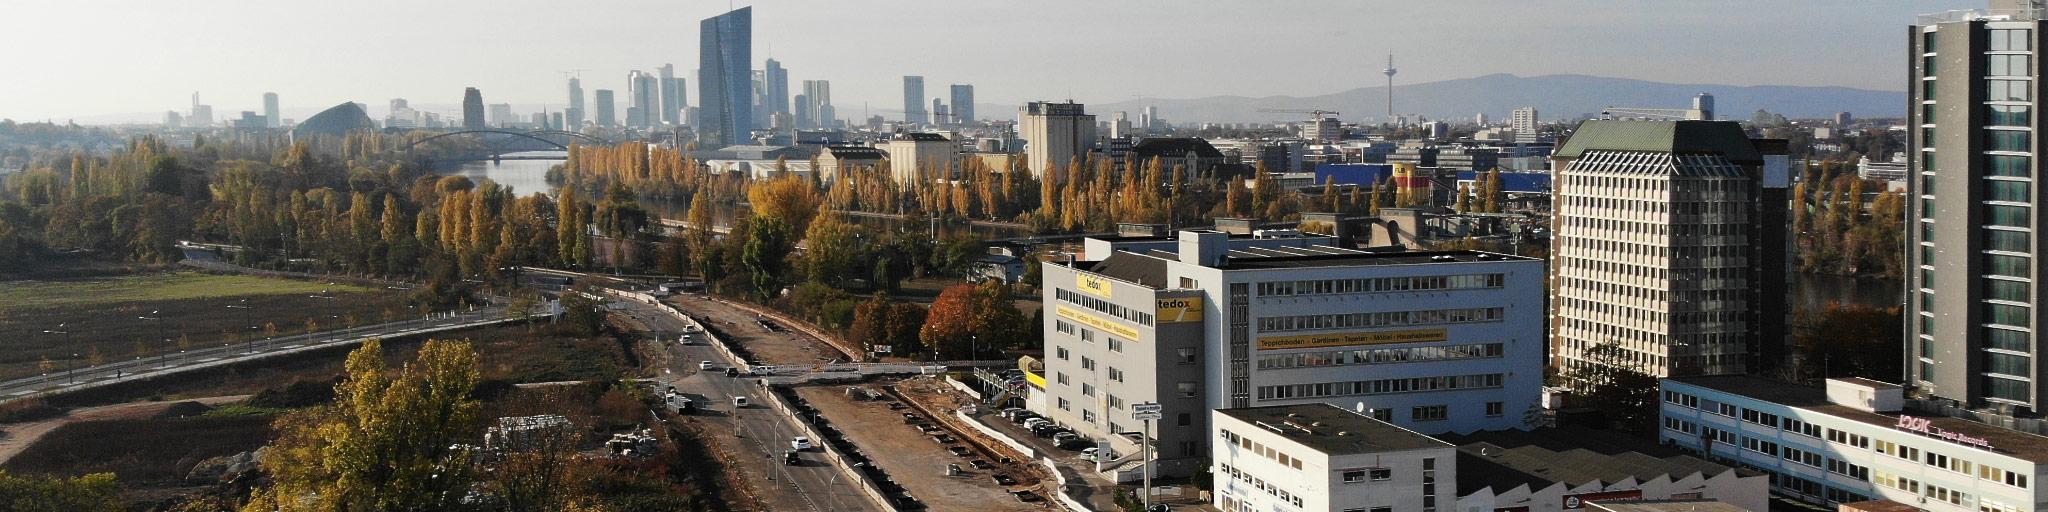 Kaiserlei Offenbach Frankfurt - Kaiserleigebiet - Neuer Bürostandort - Immobilienentwicklungen - Neue Hochhausstandorte